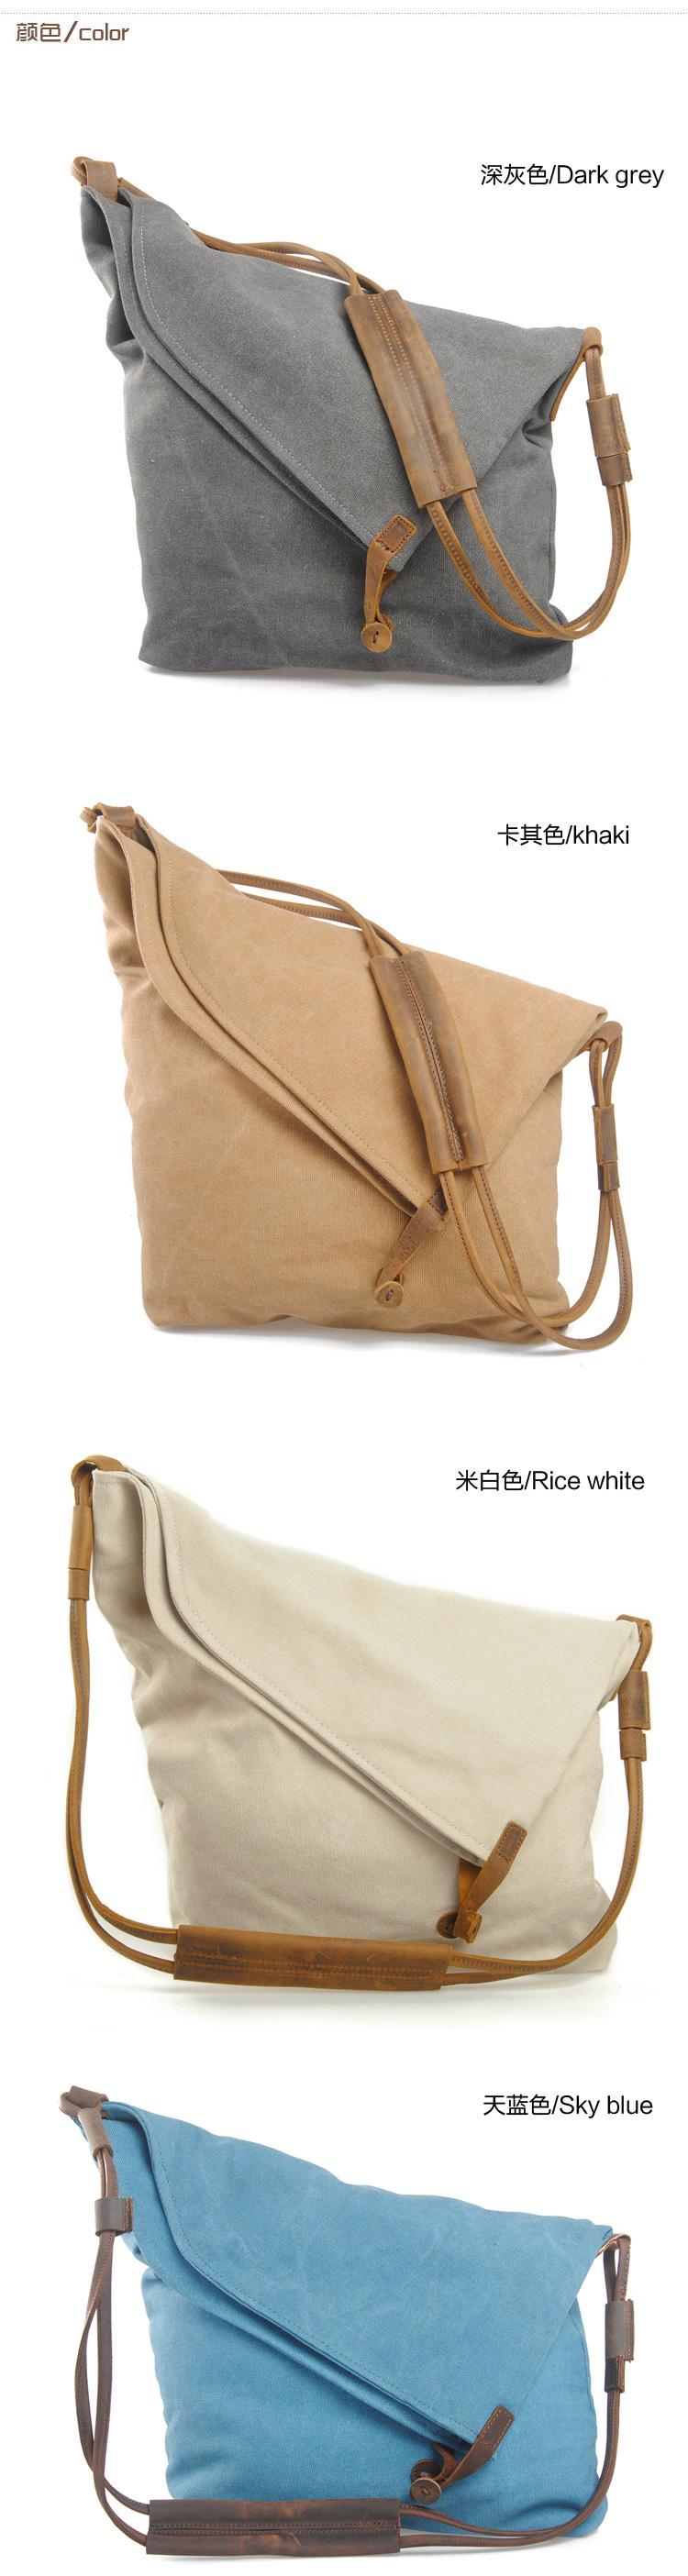 Latest Popular Funky Design Sky Blue Canvas Satchel Shoulder Bag for Women 5139f45e76